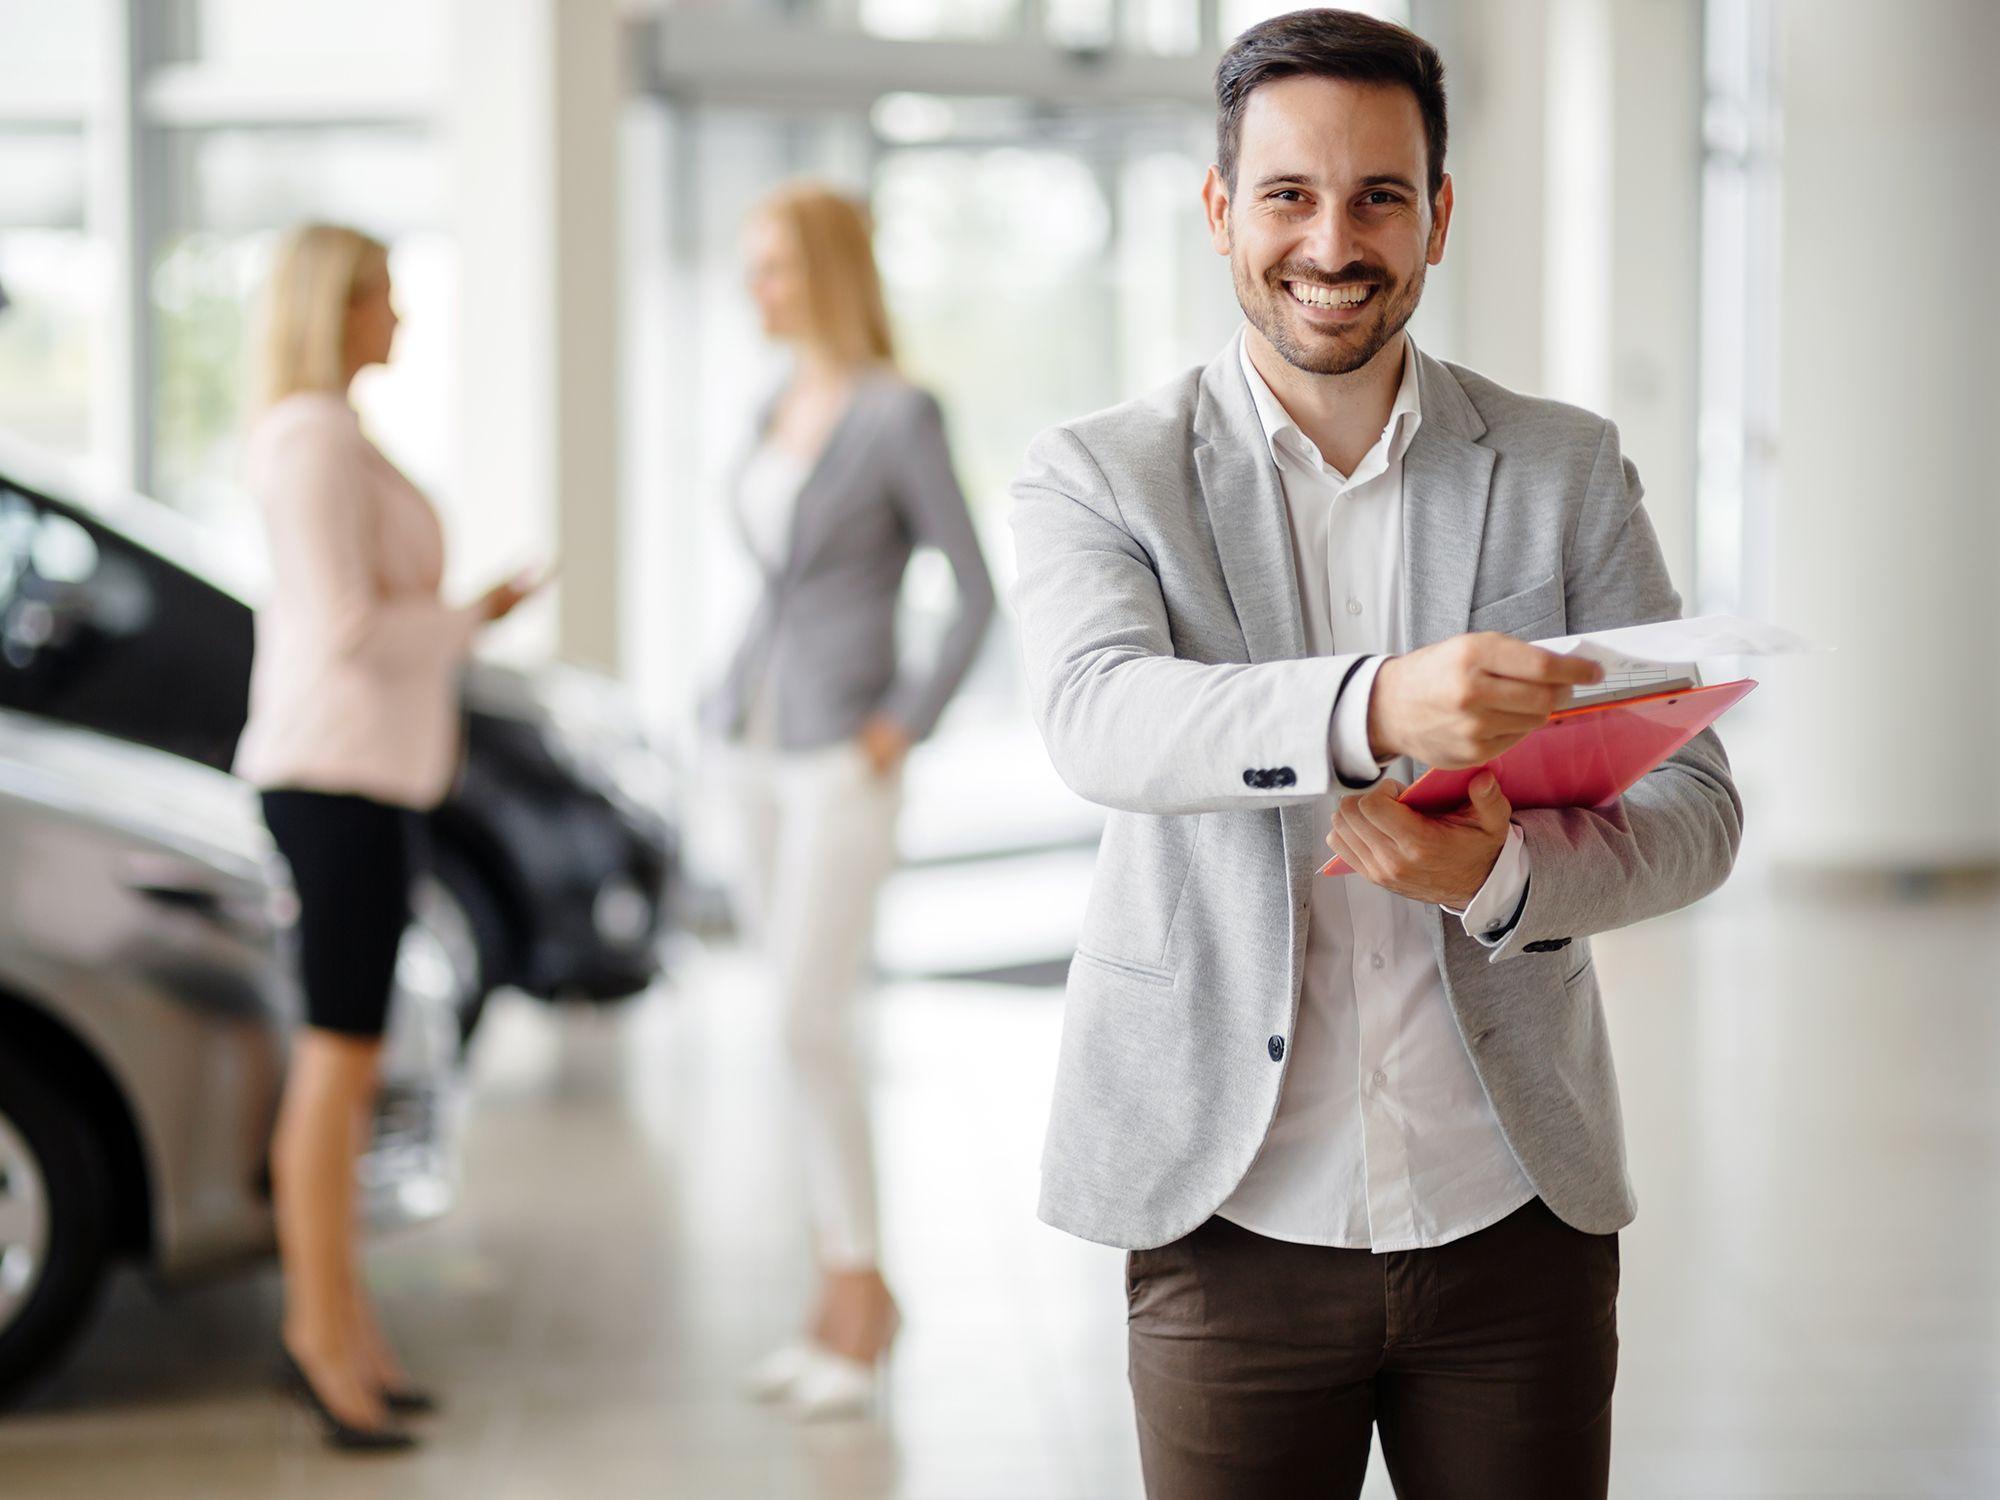 Level 3 - Supervisor, Teamberater, Aufseher, Aufpasser, Manager, Vertriebsleiter, Projektleiter, Bereichsleiter, Regionalleiter, Teamleiter, Teammanager, Koordinator und Team-Betreuer, Leiharbeiter, Zeitarbeiter, Leiharbeitnehmer, Leihkraft, Temporärarbeiter für Sales-Promotion-Aktionen, Marketing-Aktionen, Verkaufsförderung, Verkauf, Handels-Promotion, Absatzförderung und Sales-Promotion-Kampagnen bei uns als Promotionagentur, Promotion Agentur, Personalagentur, Zeitarbeitsfirma, Zeitarbeitsunternehmen, Personal-Service-Agentur, Personaldienstleistungsagentur und Leiharbeitsfirma per Arbeitnehmer-Leasing, Arbeitnehmerüberlassung, Arbeitskräfte-Leasing, Arbeitskräfteüberlassung, Arbeitskraftüberlassung, Leiharbeit, Mitarbeiter-Leasing, Mitarbeiterleasing, Mitarbeiterüberlassung, Personaldienstleistung, Personalleasing, Personalüberlassung, Temporärarbeit, Zeitarbeit buchen, mieten, leihen oder langfristig neue Mitarbeiter für Jobs wie Promotionjobs, Promotion Jobs, Sales-Promotionjobs, Schülerjobs, Ferienjobs, Aushilfsjobs, Studentenjobs, Werkstudentenjobs, Saisonjobs, Vollzeit Jobs, Teilzeit Jobs, Nebenjobs, Temporär Jobs, Gelegenheitsjobs per Personalvermittlung suchen, finden und vermittelt bekommen.